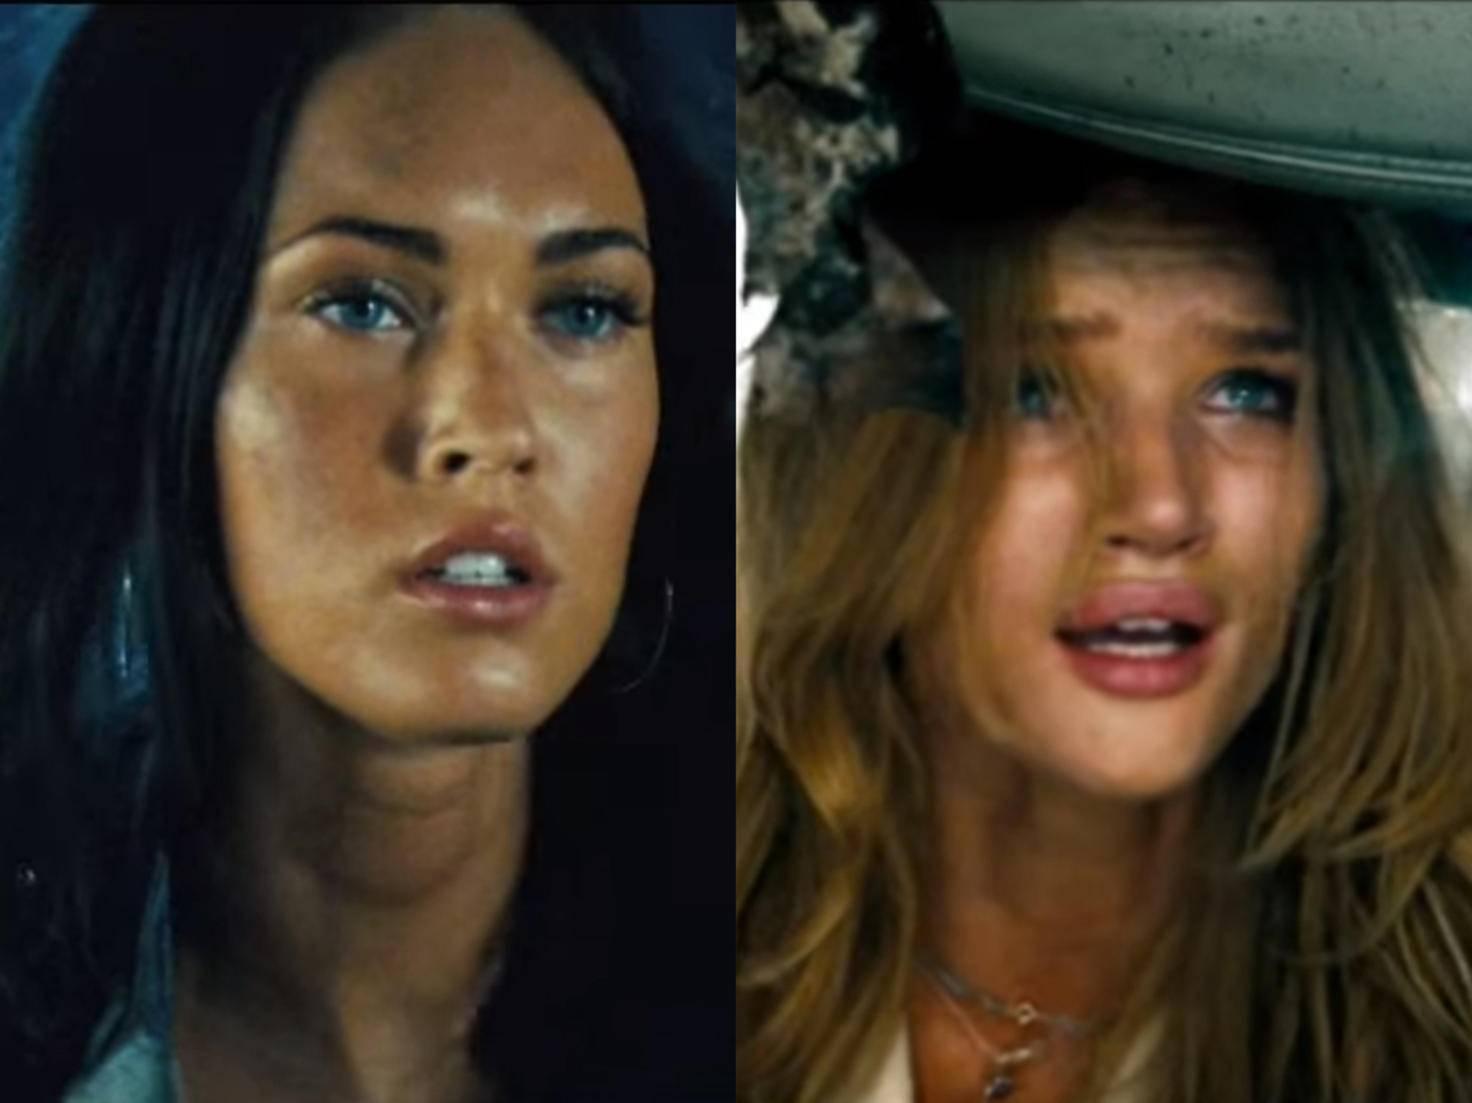 Die Zusammenarbeit mit Megan Fox gestaltete sich schwierig. Mit Rosie Huntington-Whiteley lief's besser.